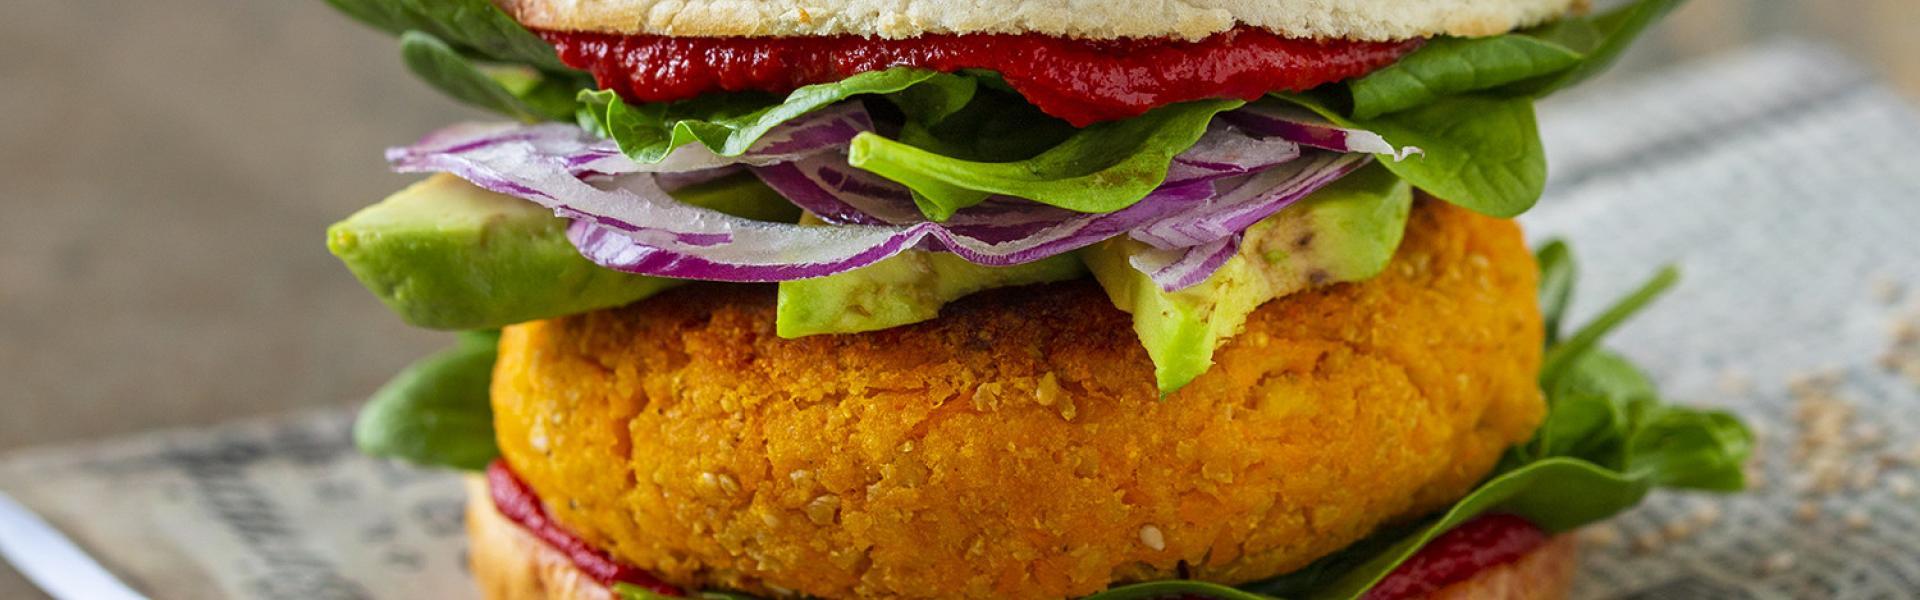 Tofu Burger auf einem Stück Papier.